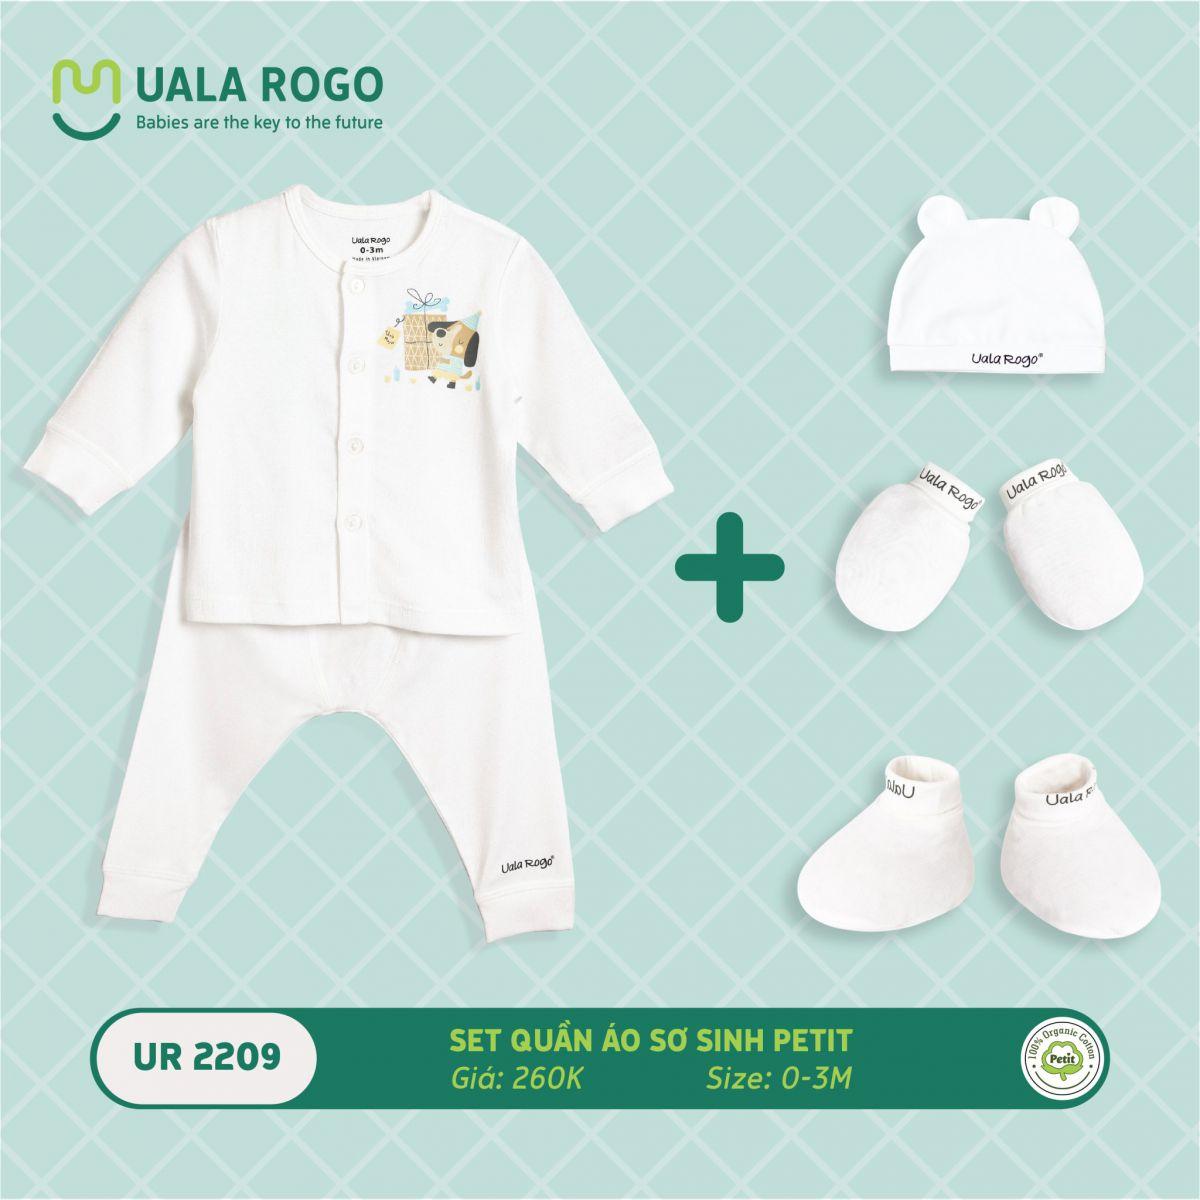 UR2209.3 - Set quần áo sơ sinh vải petit Uala Rogo - Màu trắng họa tiết cún nâu